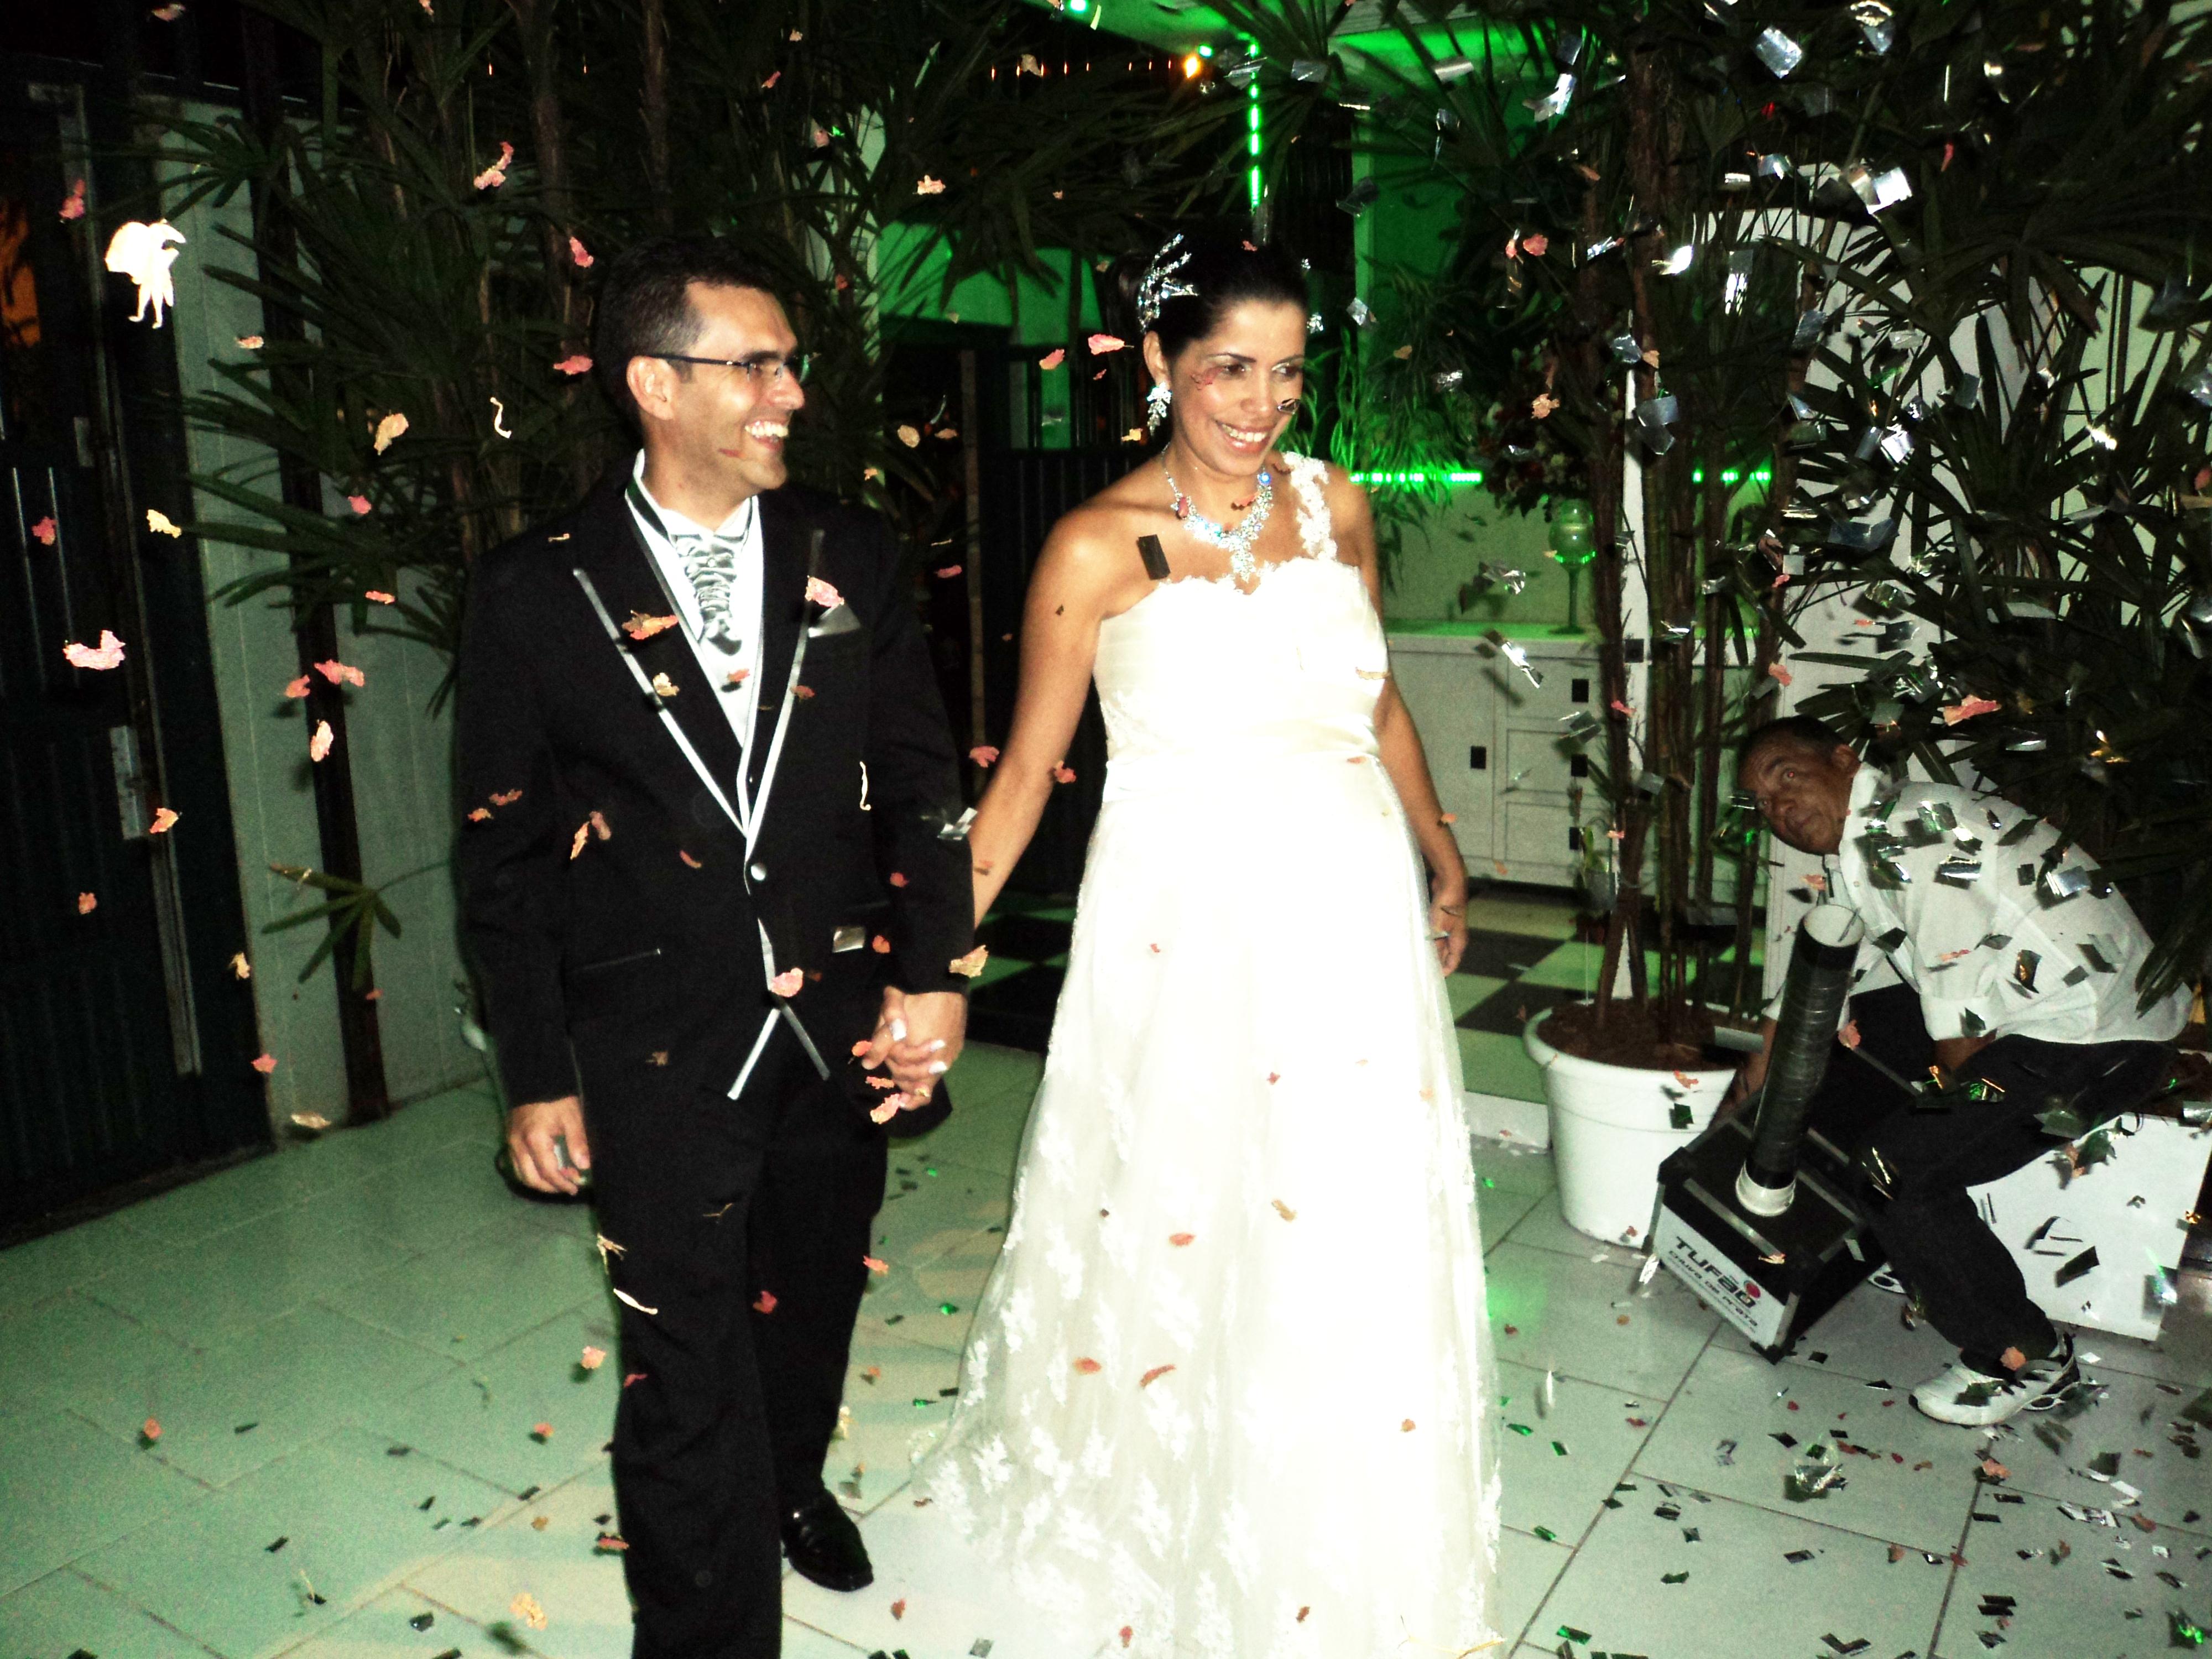 FOTO NOIVOS MARCLEY E CARLA 7.12.13